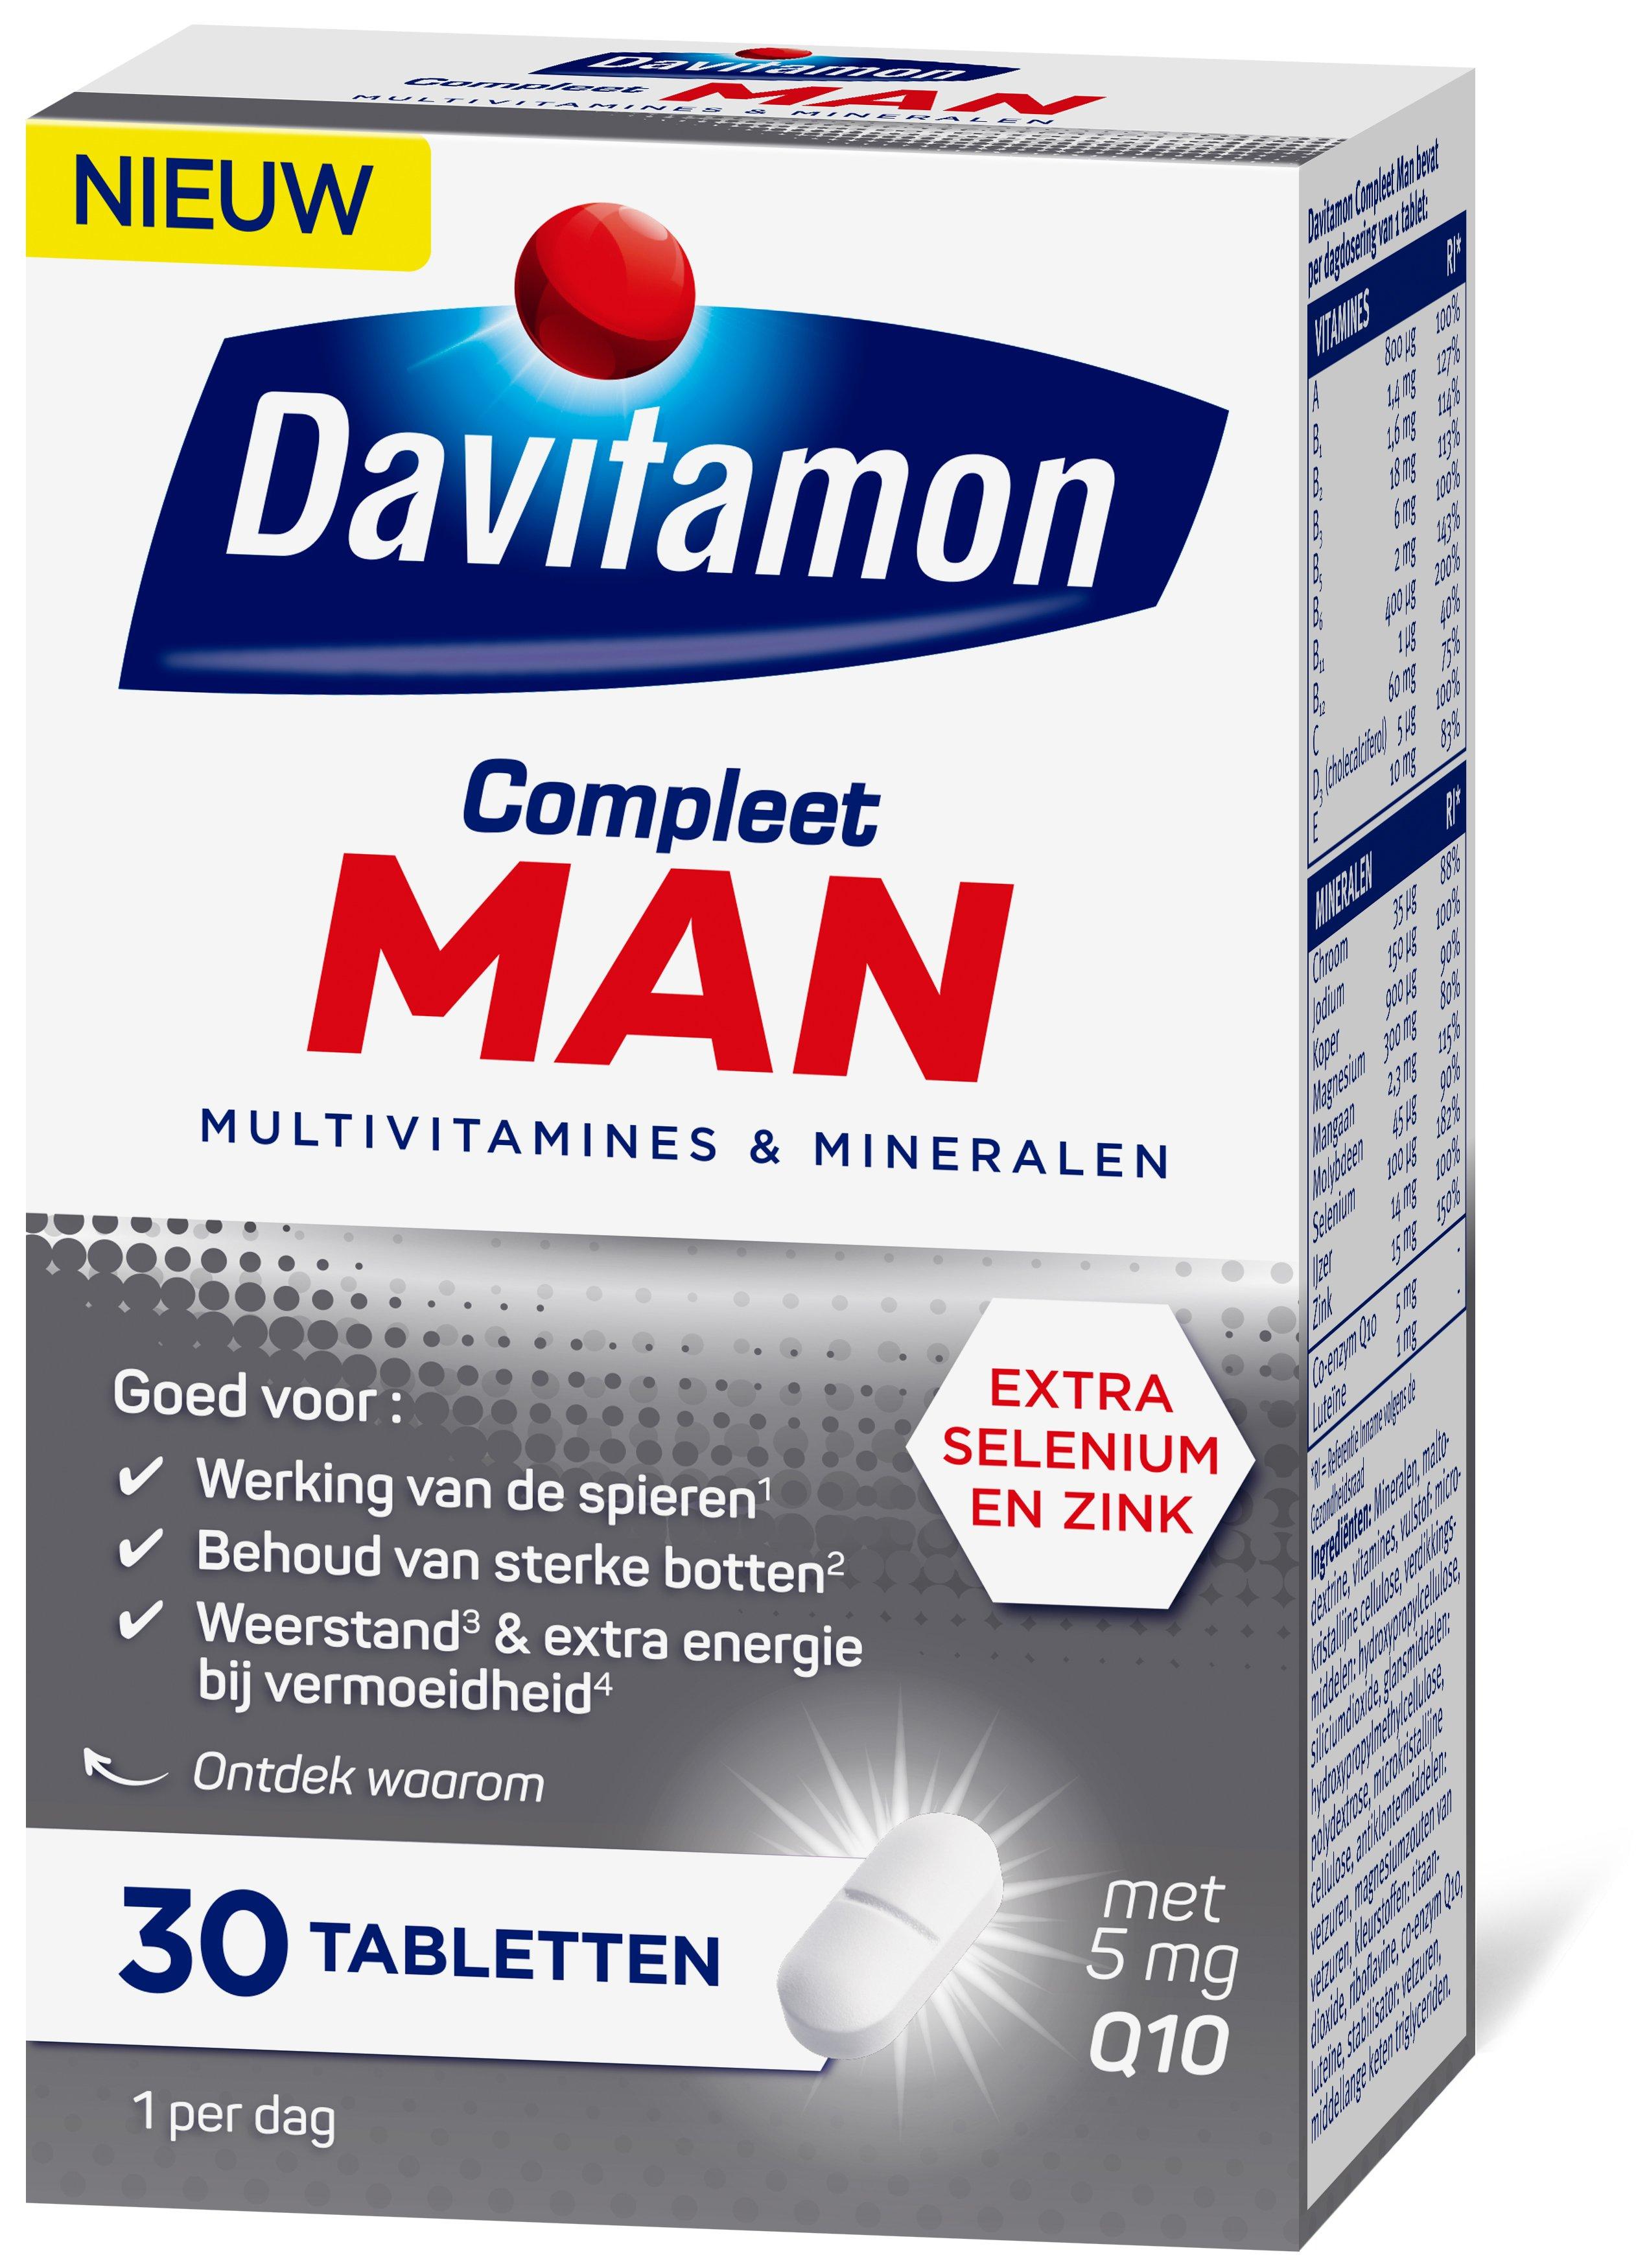 Davitamon Compleet Man Tabletten Verpakking zijkant